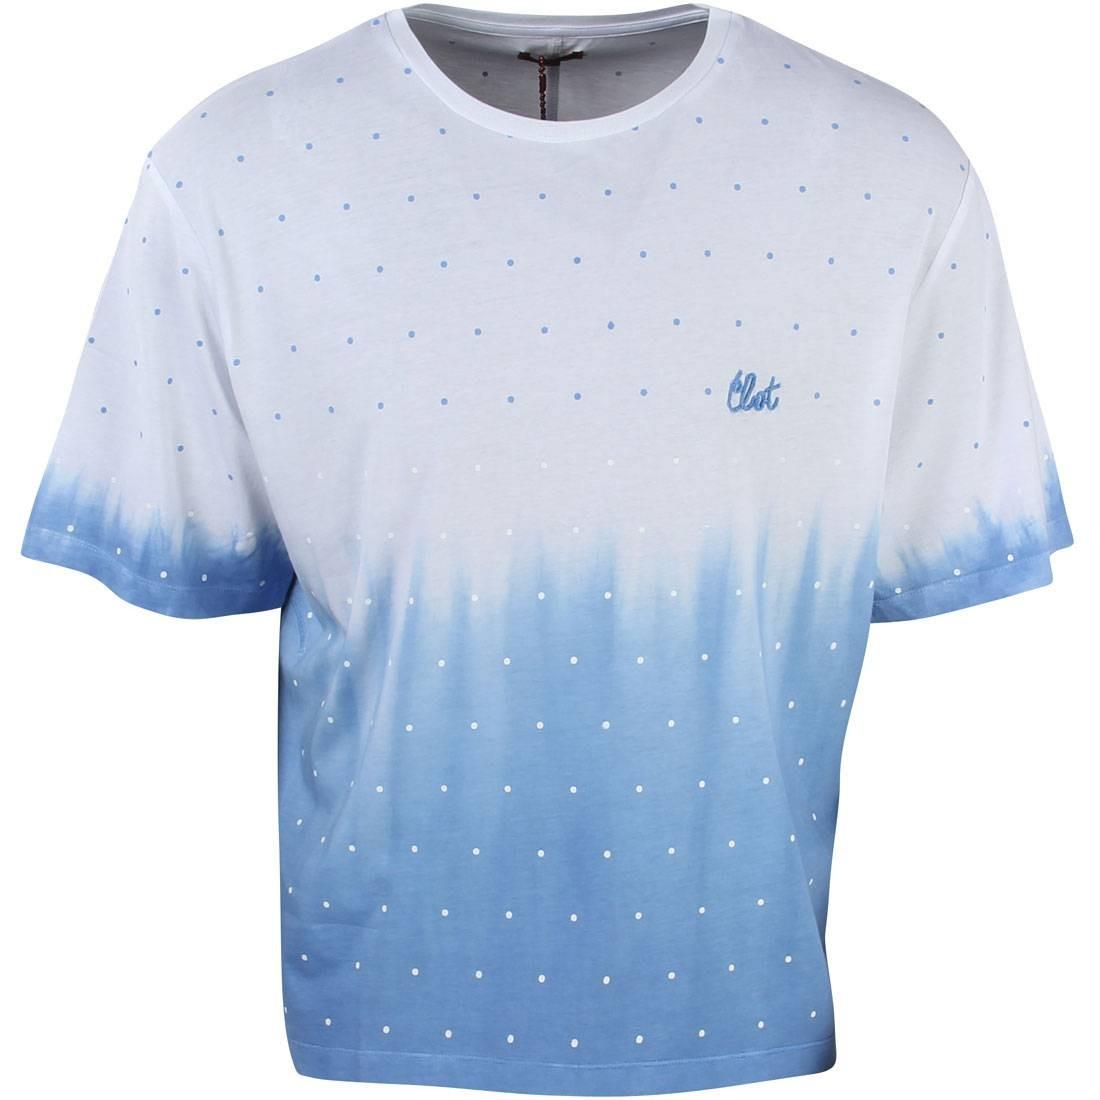 【海外限定】Tシャツ メンズファッション【【 CLOT MEN OVERSIZED TIE】 DYE DYE POCKET TEE WHITE】, どっとカエールコレクト:0c2600e8 --- sunward.msk.ru